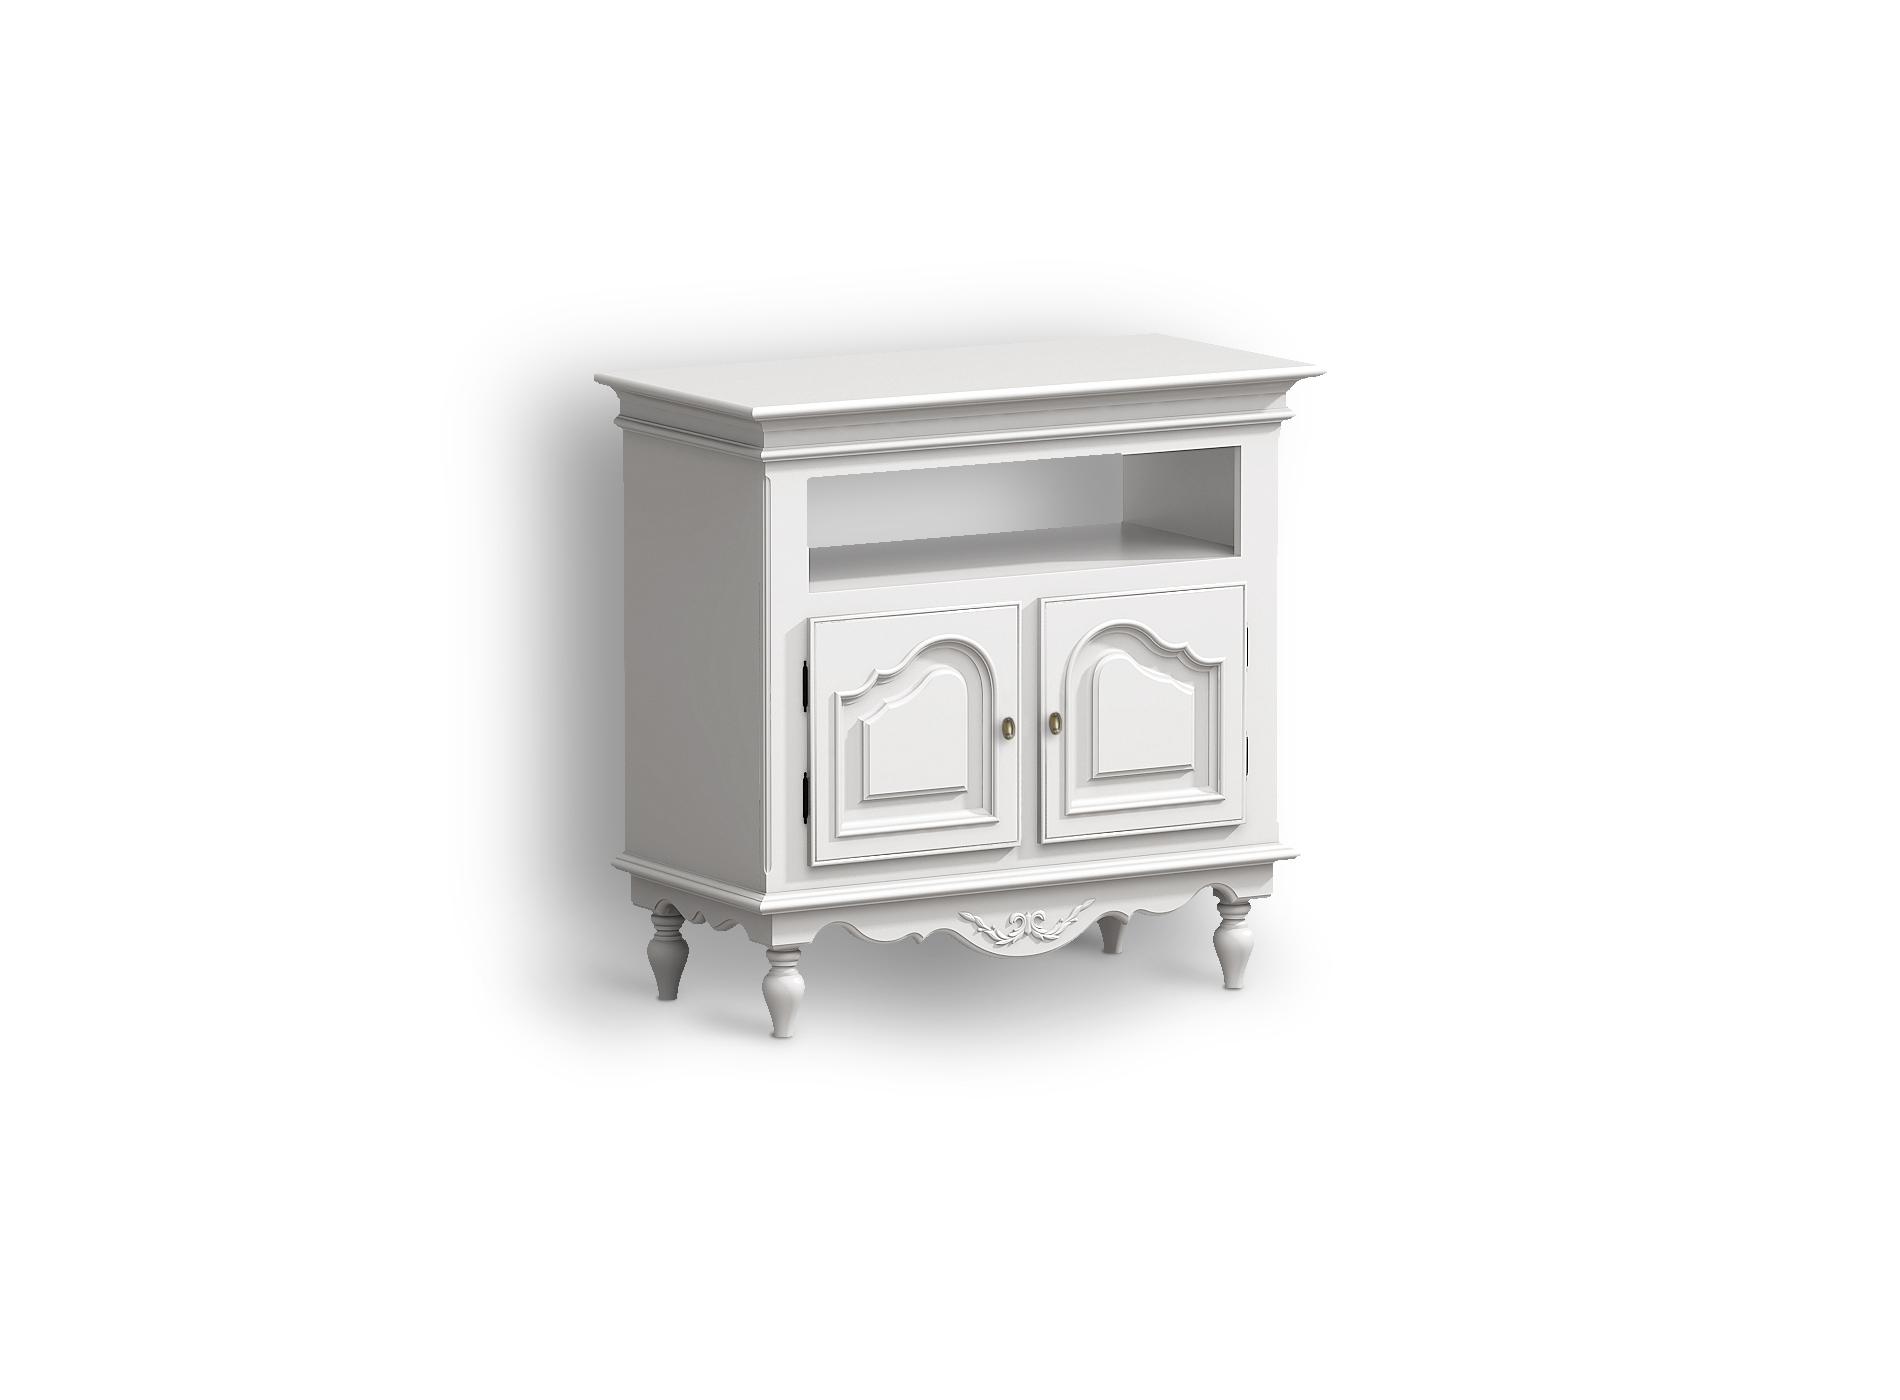 Тумба под ТВ Снежный ПровансТумбы под TV<br>Белая мебель Прованс для гостиной, спальни, столовой, кабинета отлично впишется в Ваш загородный дом. Белая высококачественная мебель &amp;quot;Снежный Прованс&amp;quot; также может послужить в качестве обстановки детской комнаты подростка. Это функциональная удобная мебель европейского качества. Коллекция изготовлена из массива бука (каркасы и точеные элементы мебели) и из высококачественного МДФ (филенчатые части) и соответствует немецким стандартам для детской мебели.<br>Мебель &amp;quot;Снежный Прованс&amp;quot; имеет плавные изогнутые формы и украшена потертым вручную декором в виде оливковой ветви.<br><br>Material: Бук<br>Ширина см: 90.0<br>Высота см: 86.5<br>Глубина см: 44.0